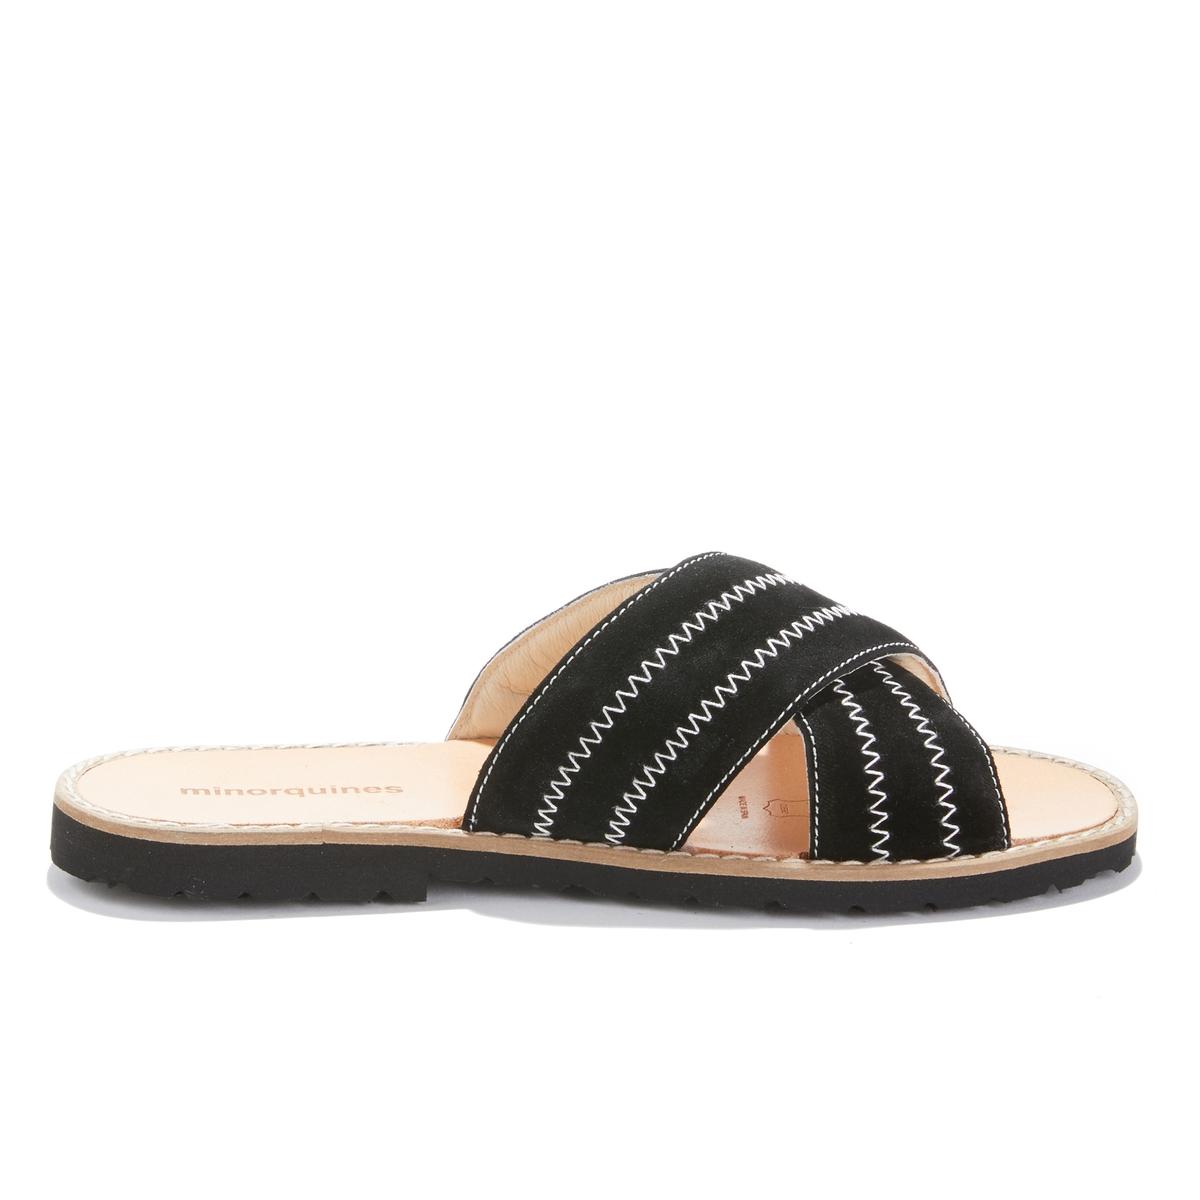 Туфли La Redoute Без задника кожаные на плоском каблуке MULES BERLIN 39 черный туфли без задника кожаные с блестящими деталями